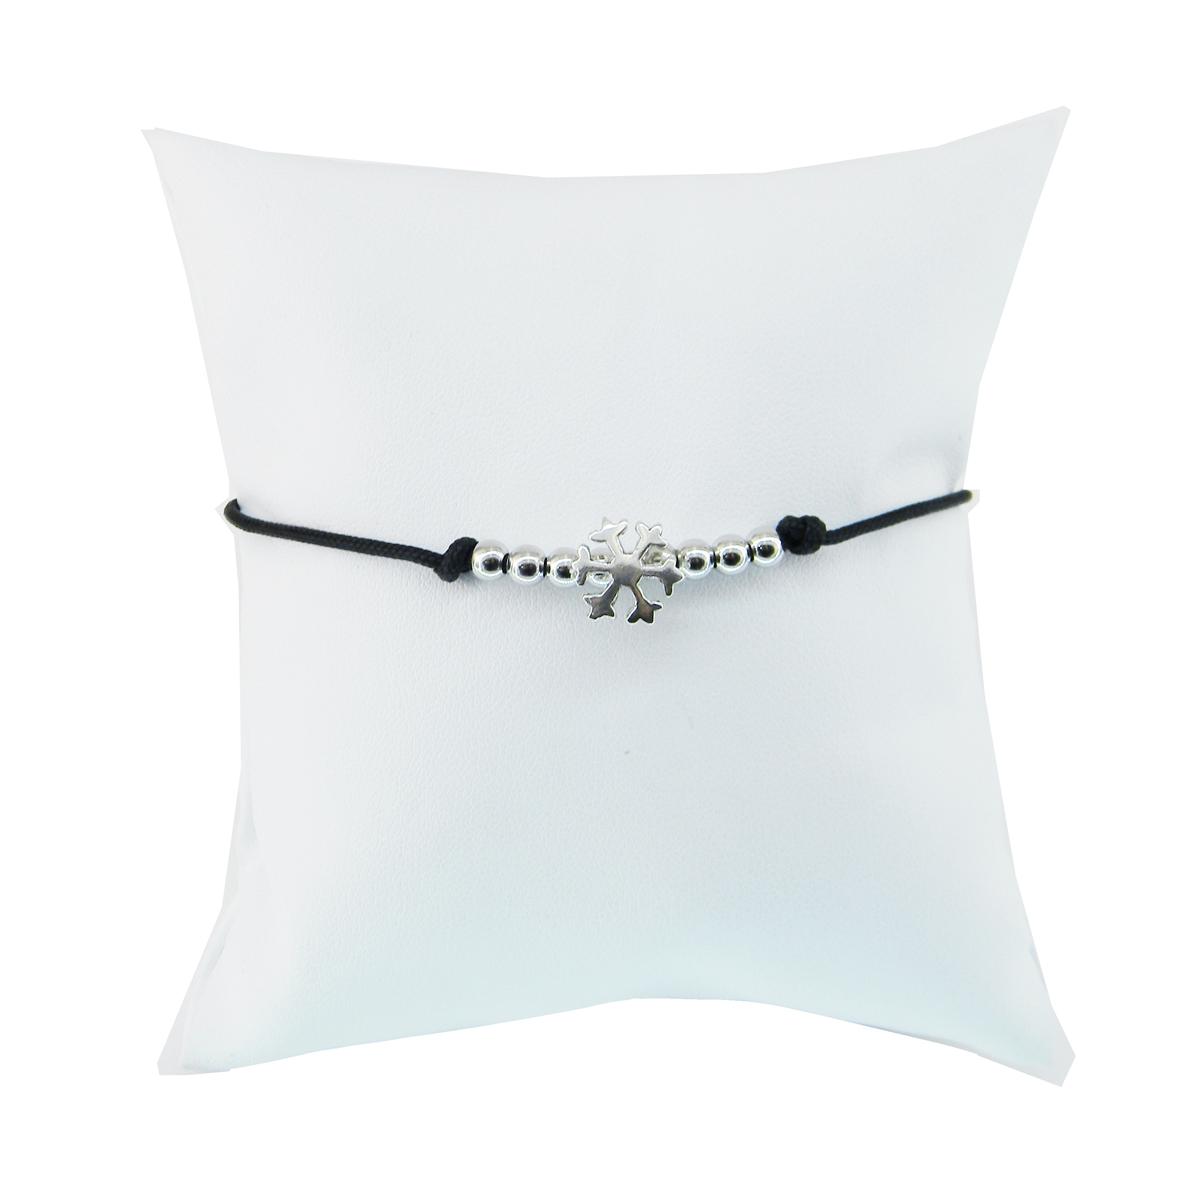 Bracciale Corda Fiocco Neve, Argento, bracciale, fiocco di neve, i gioielli del mare,